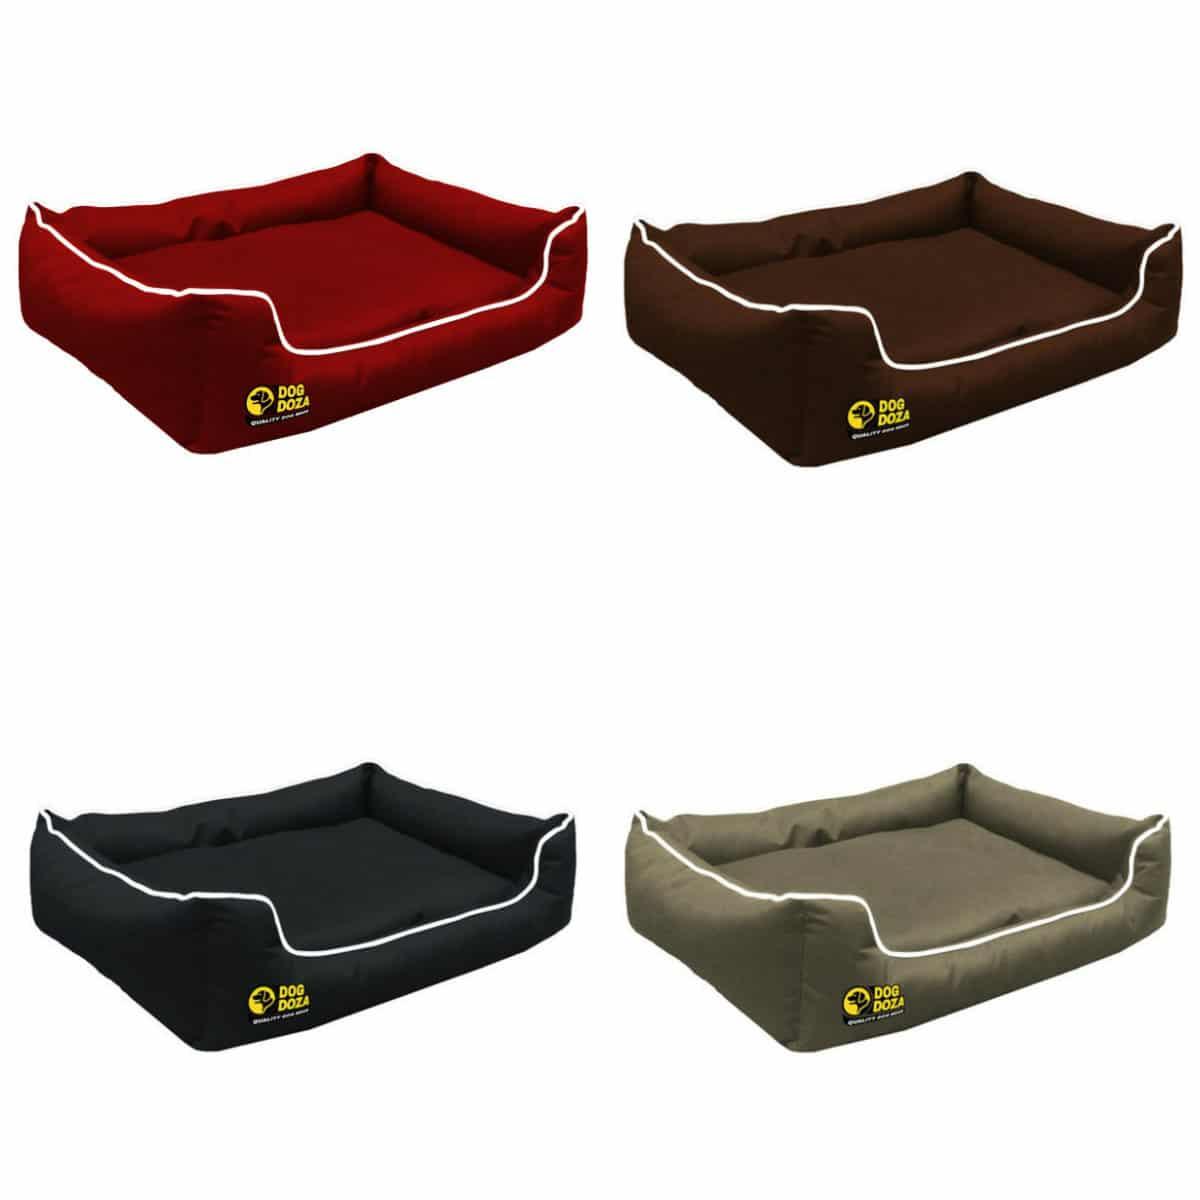 Waterproof Memory Foam Black Dogs Bed – Dog Doza Settee Beds